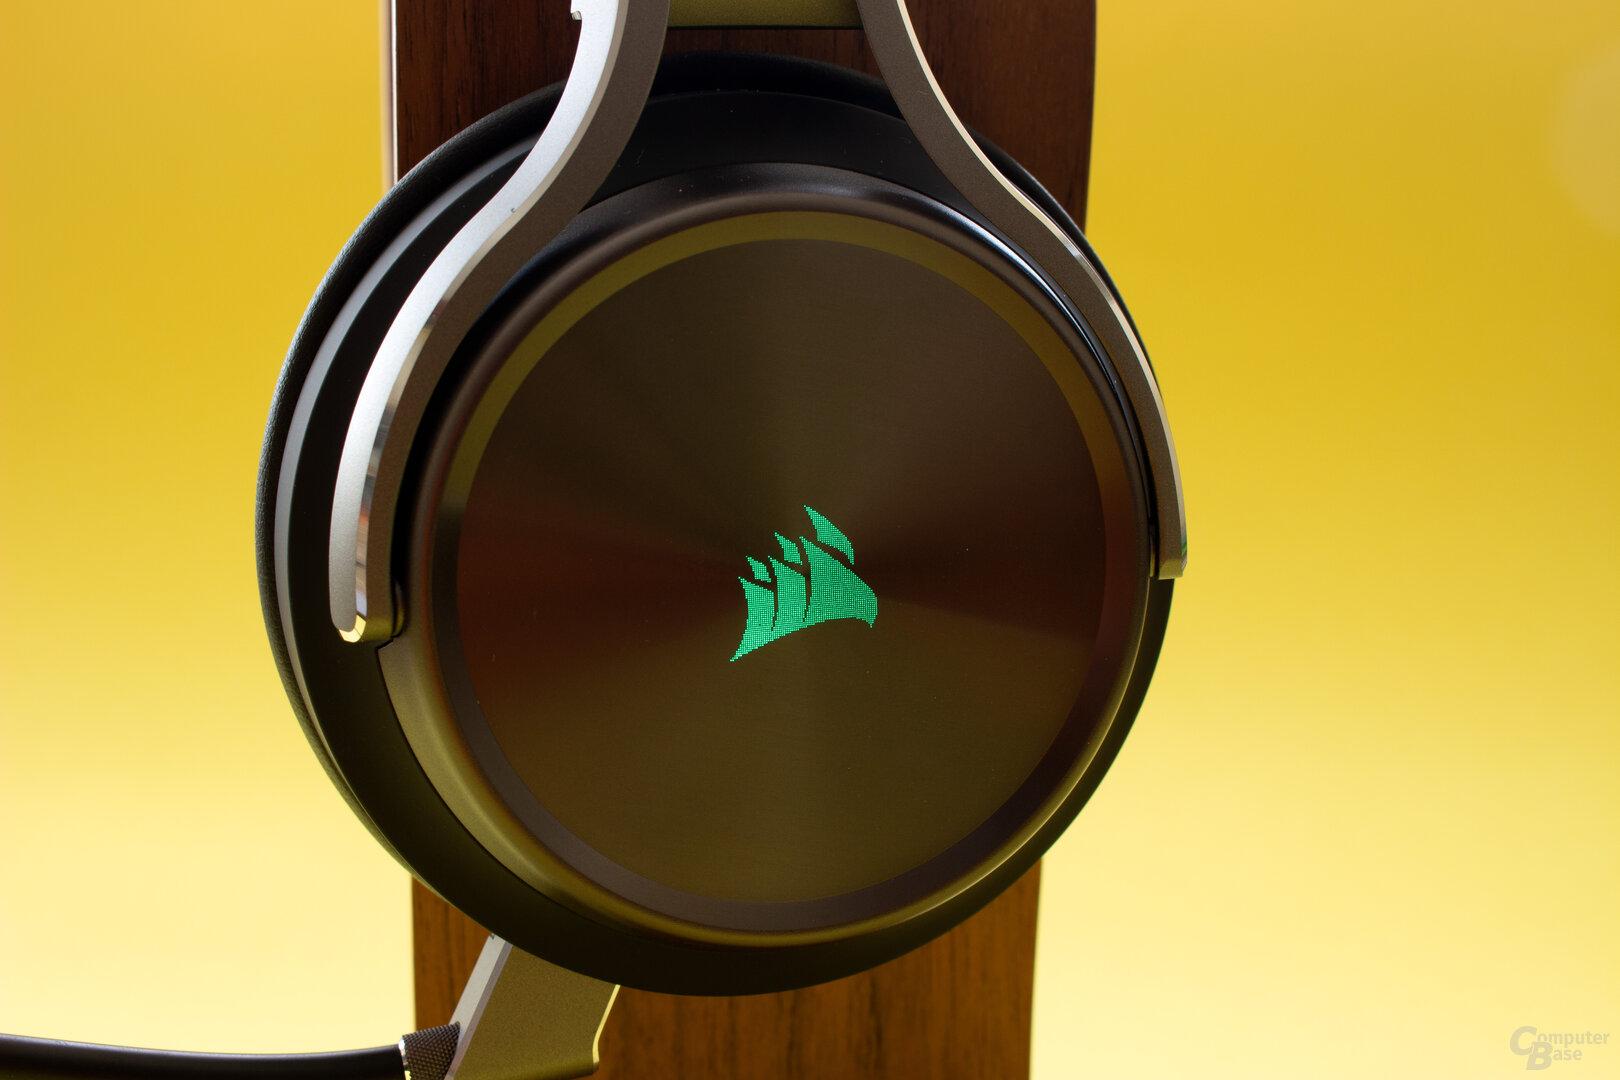 Corsairs neues Headset verfügt auch über dezente RGB-Spielereien